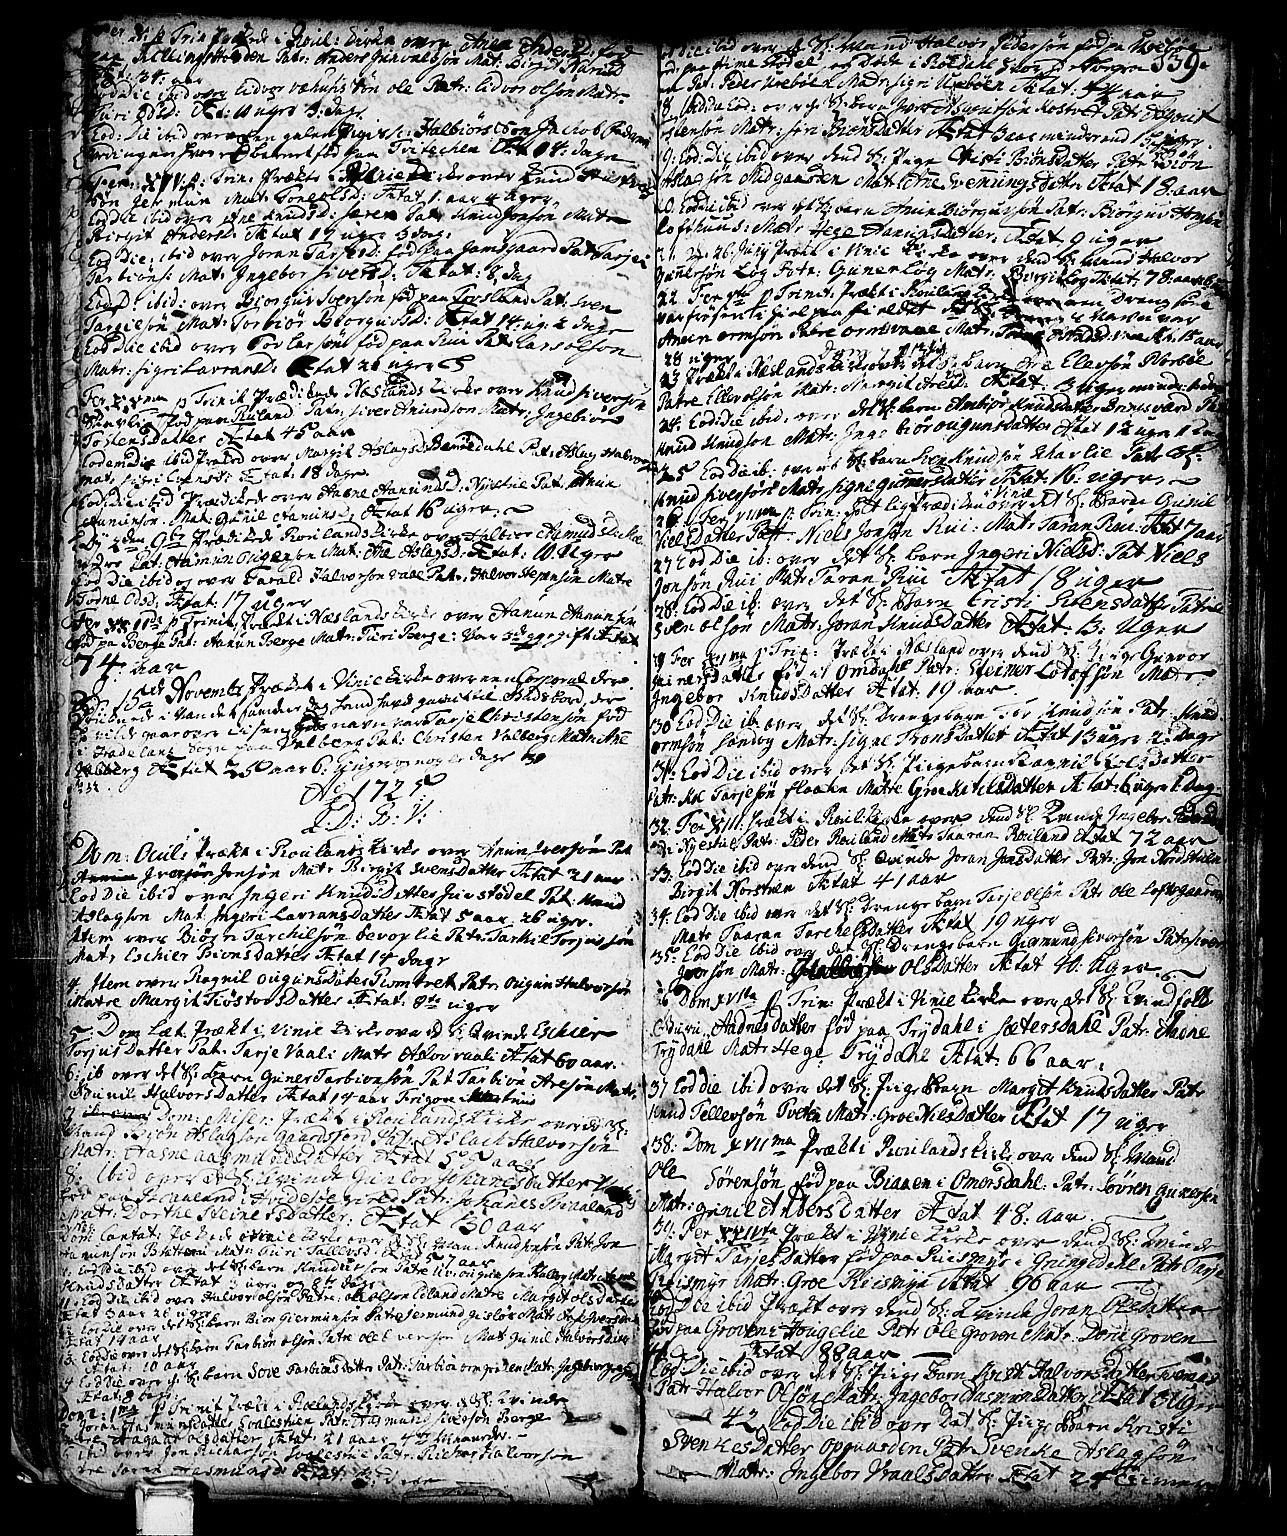 SAKO, Vinje kirkebøker, F/Fa/L0001: Ministerialbok nr. I 1, 1717-1766, s. 139